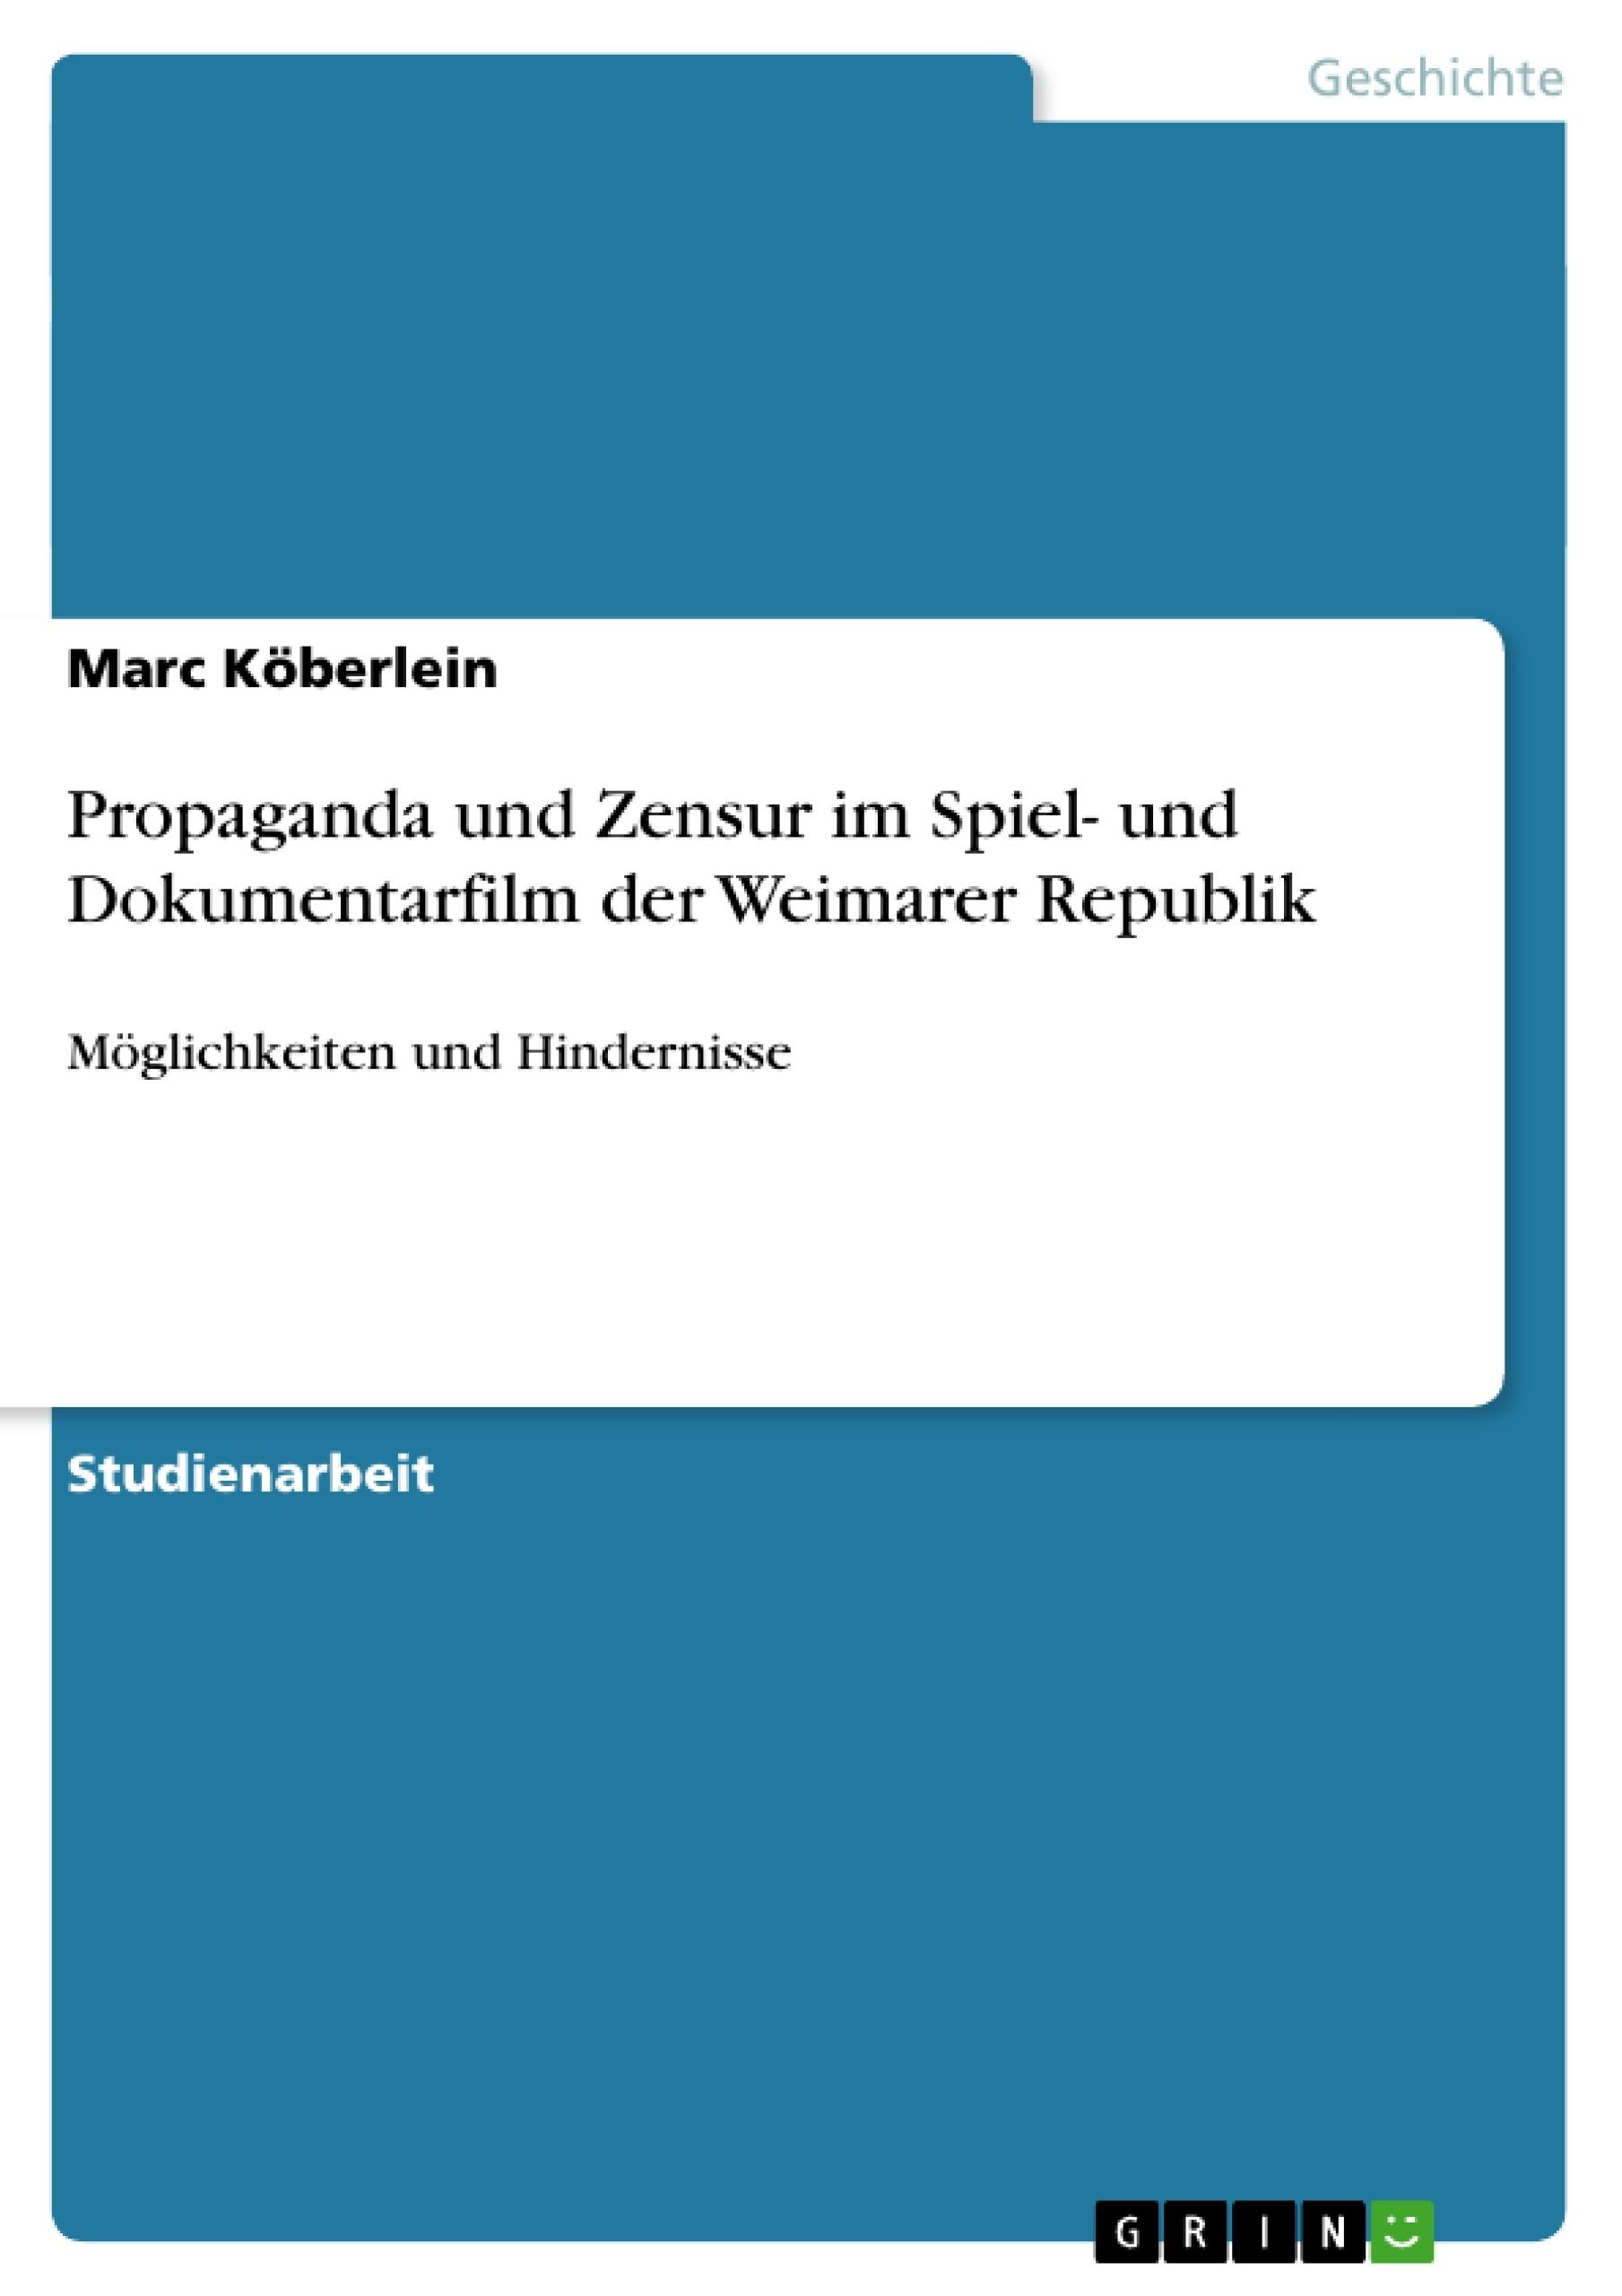 Titel: Propaganda und Zensur im Spiel- und Dokumentarfilm der Weimarer Republik